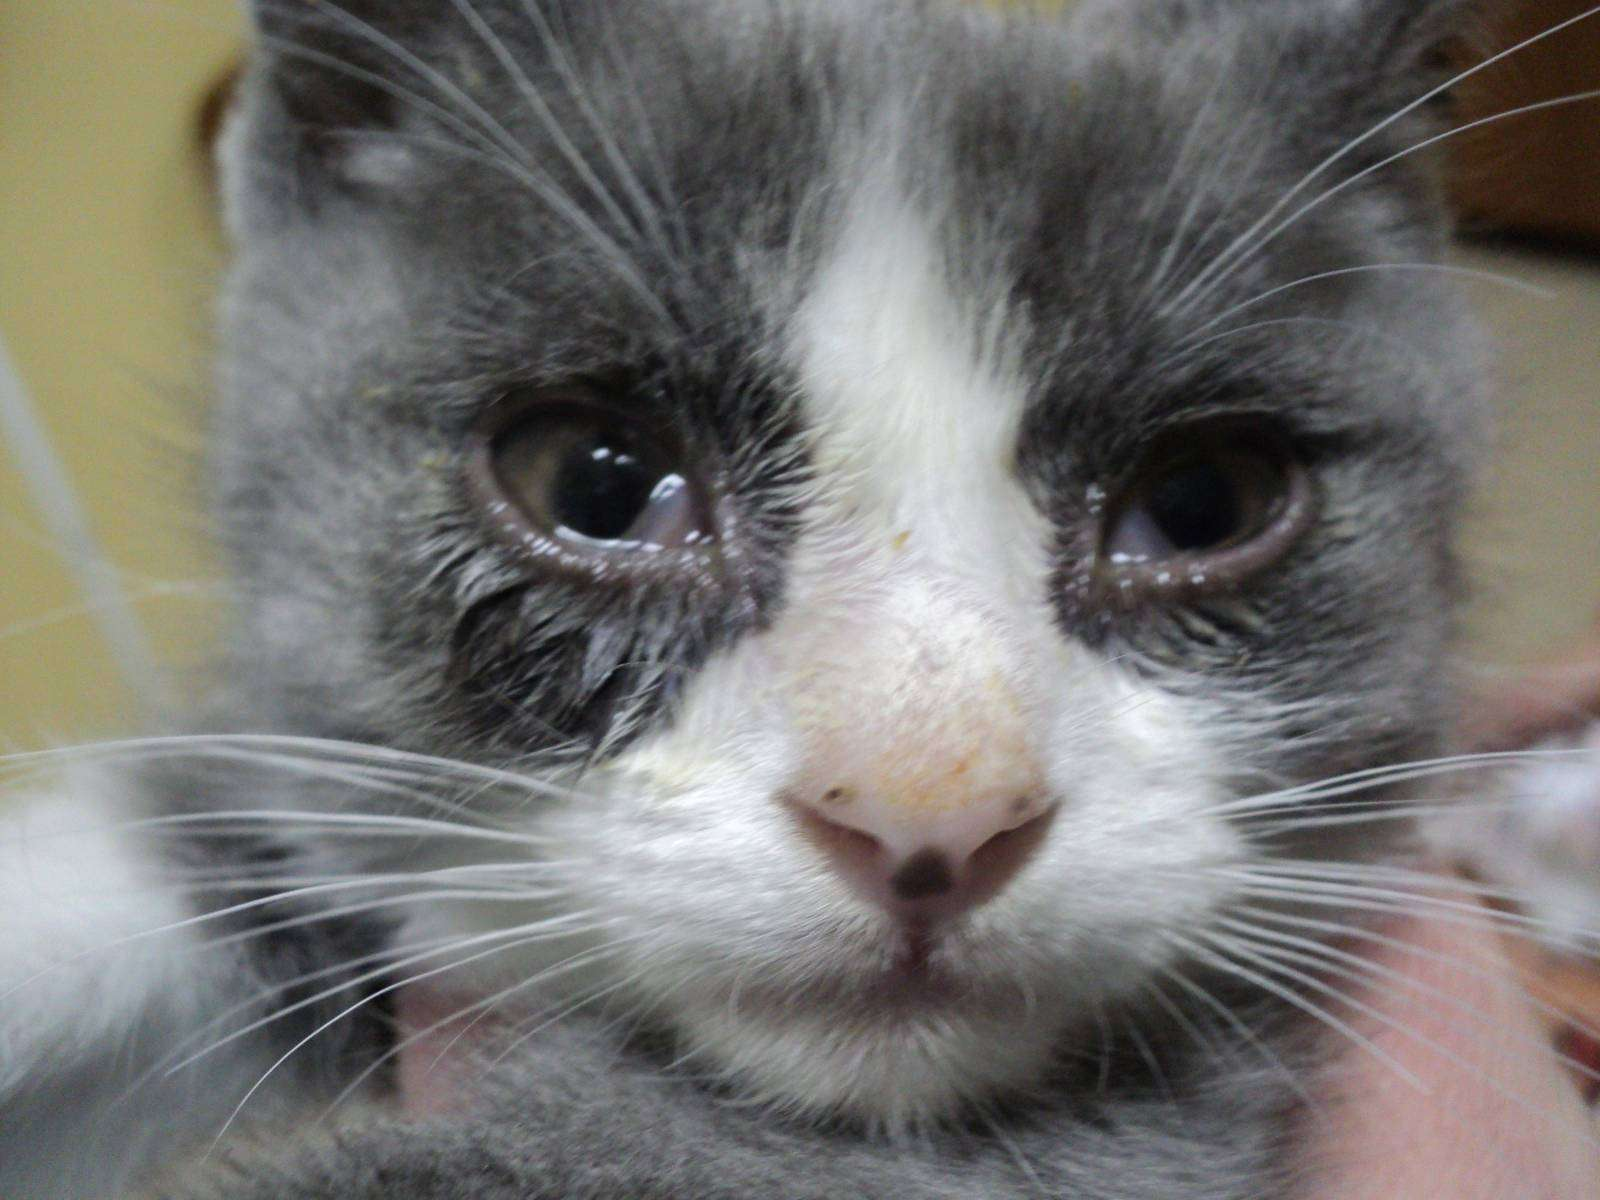 Слезящиеся глаза бывают признаком нездоровья котят